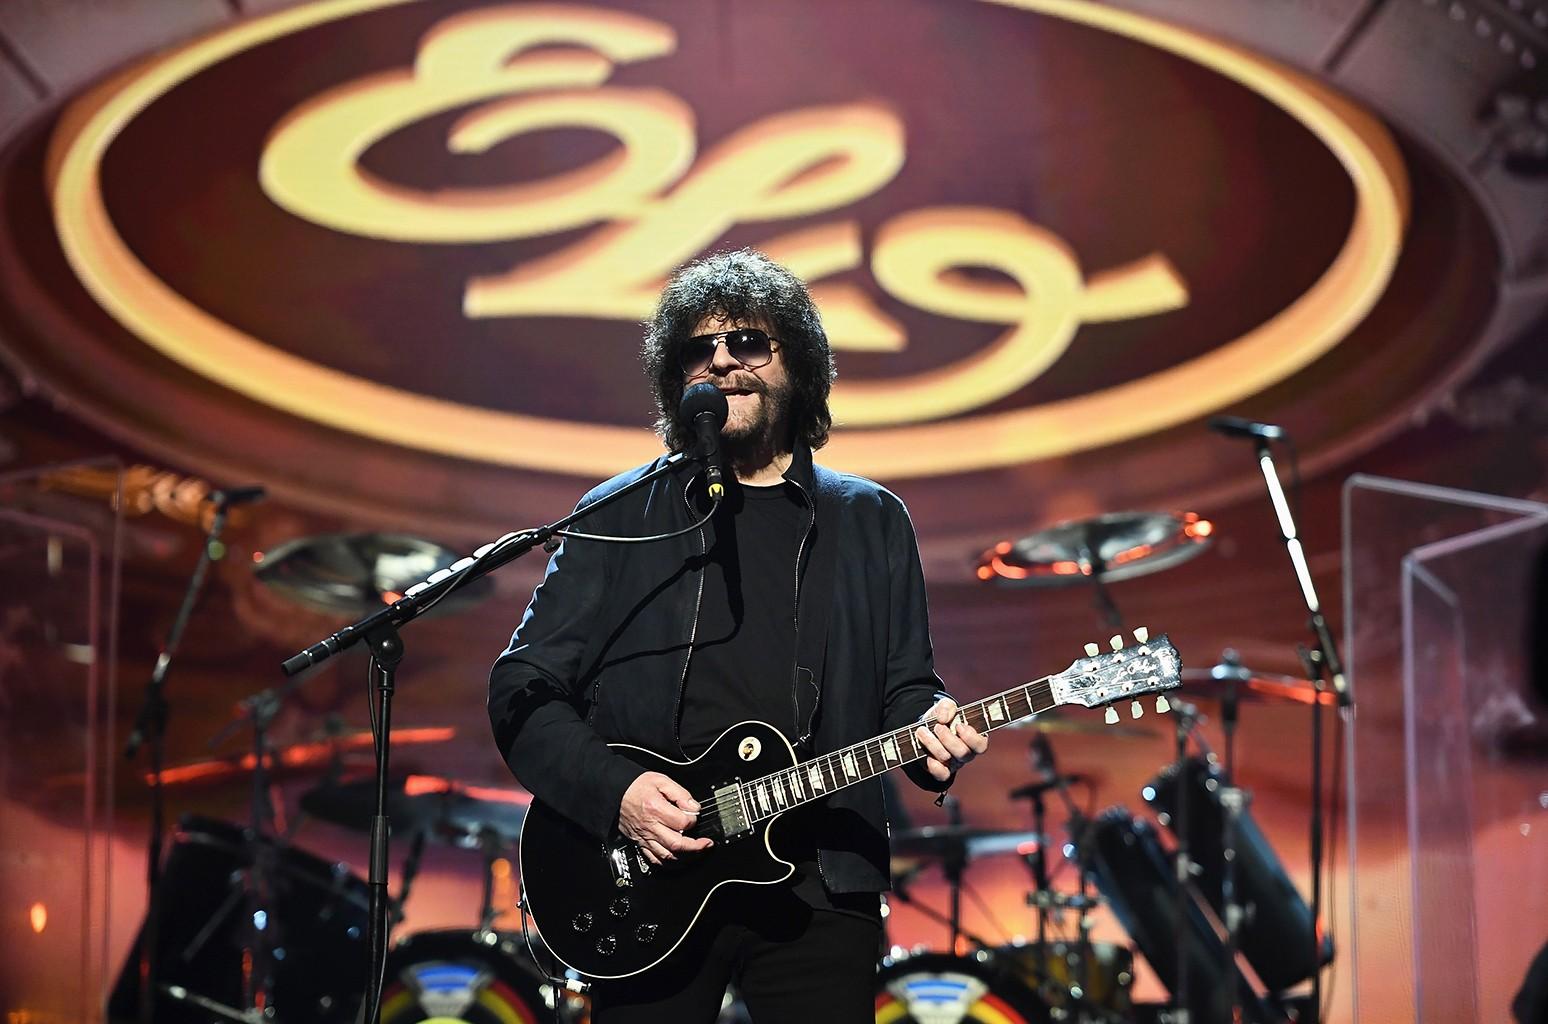 Jeff Lynne of ELO